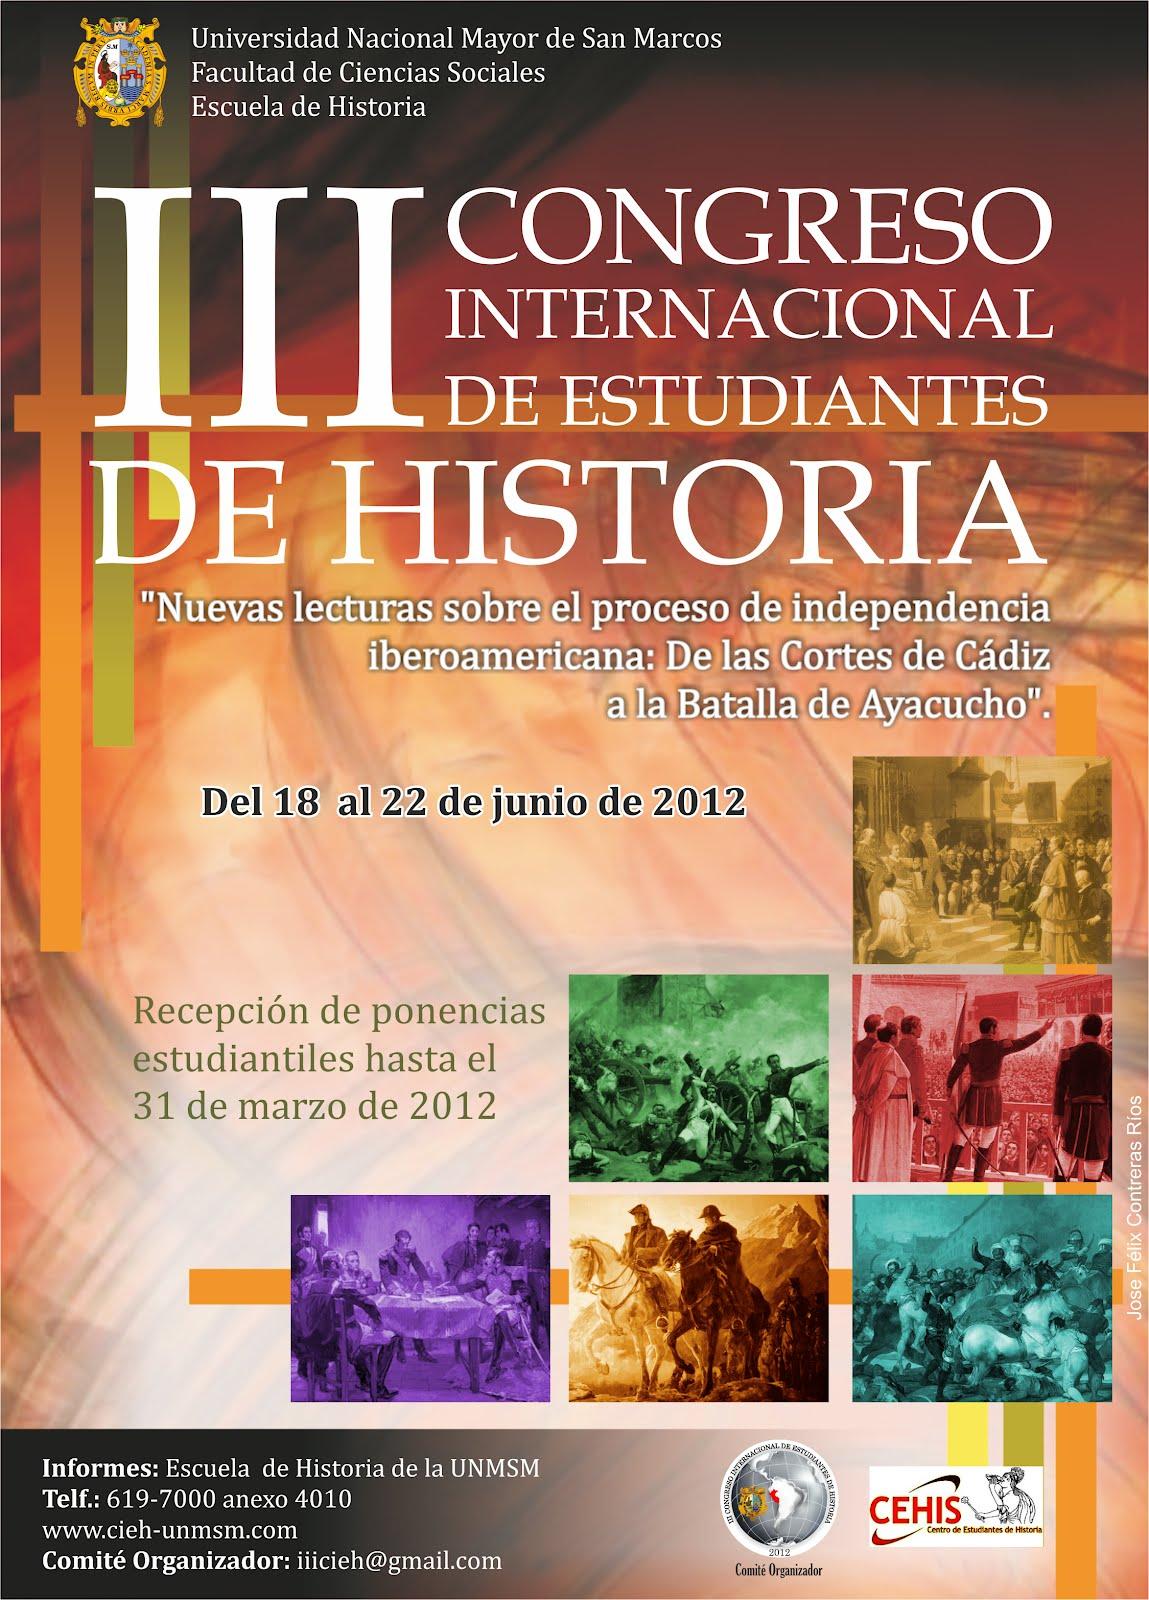 III CONGRESO INTERNACIONAL DE ESTUDIANTES DE HISTORIA